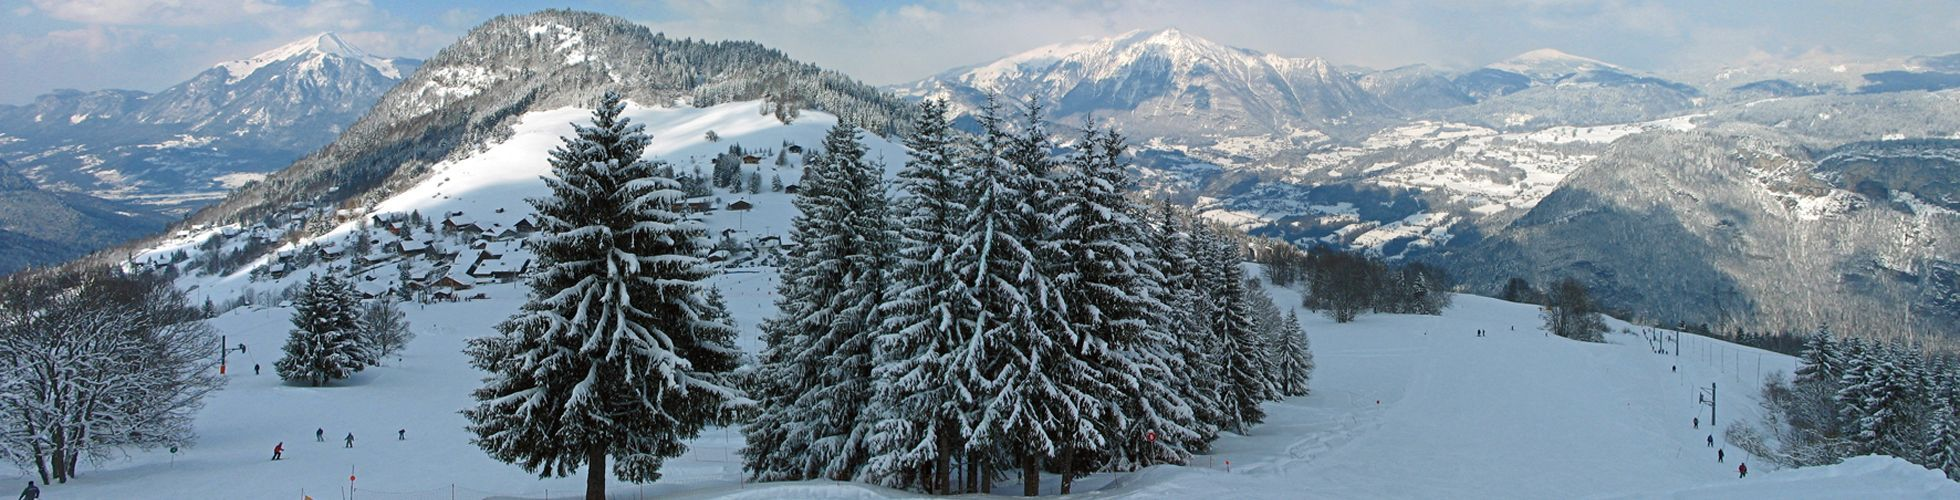 12. Le ski